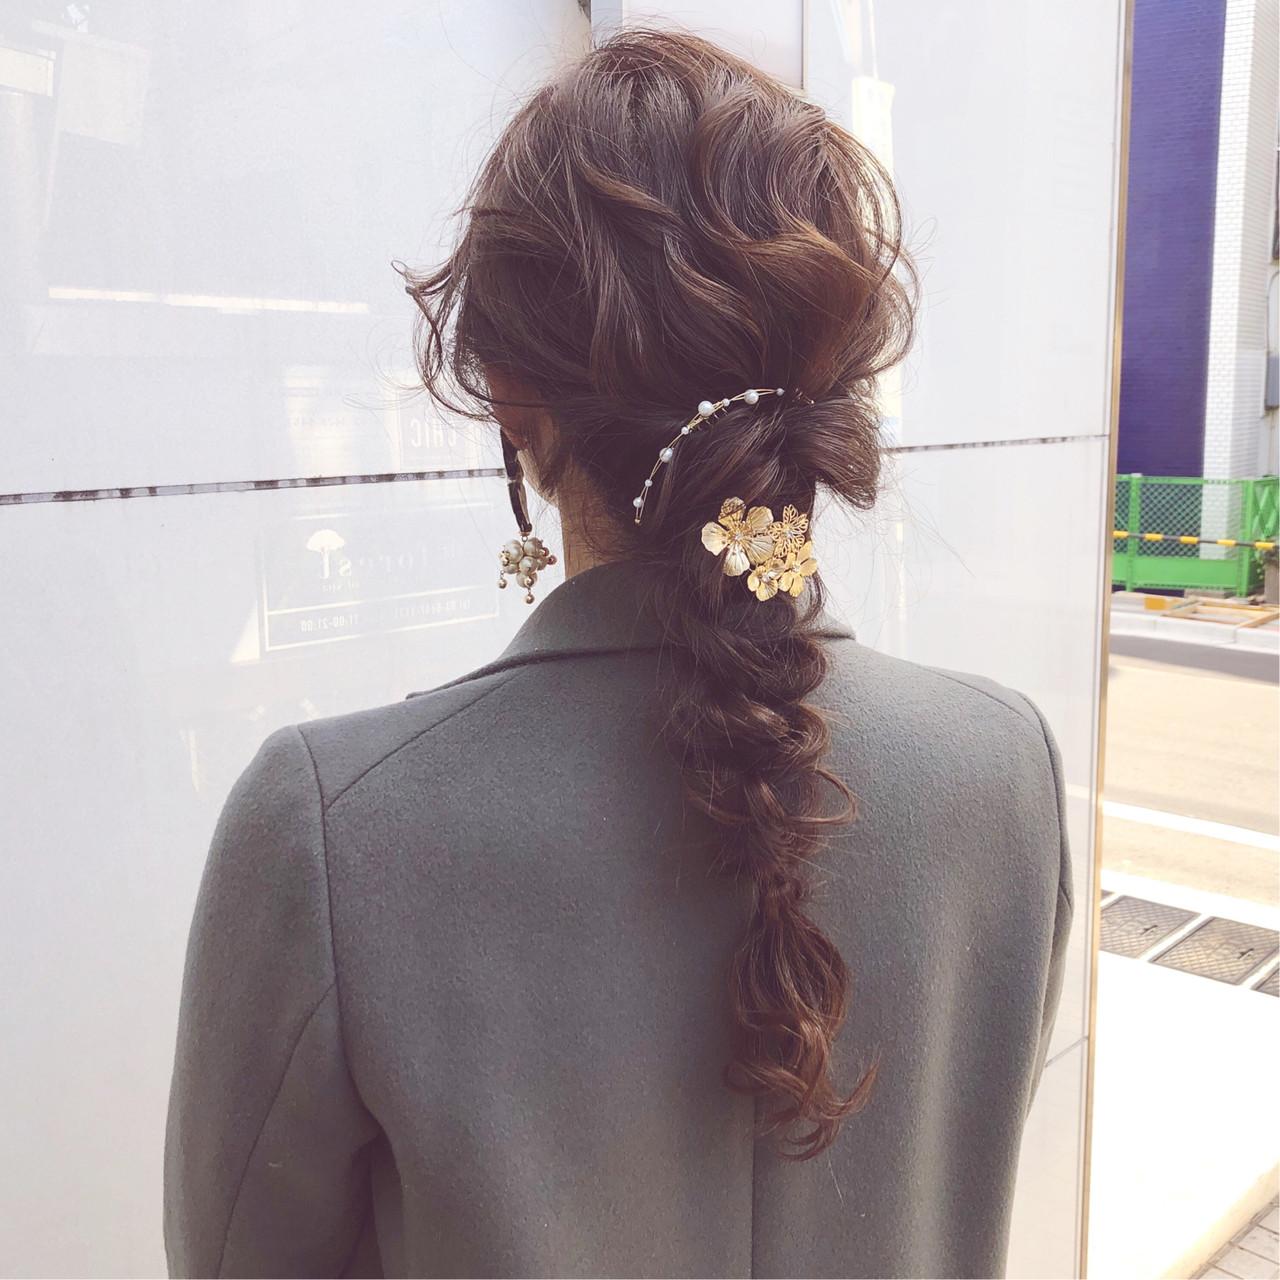 ロング アンニュイほつれヘア デート ヘアアレンジ ヘアスタイルや髪型の写真・画像 | 『ボブ美容師』永田邦彦 表参道 / send by HAIR